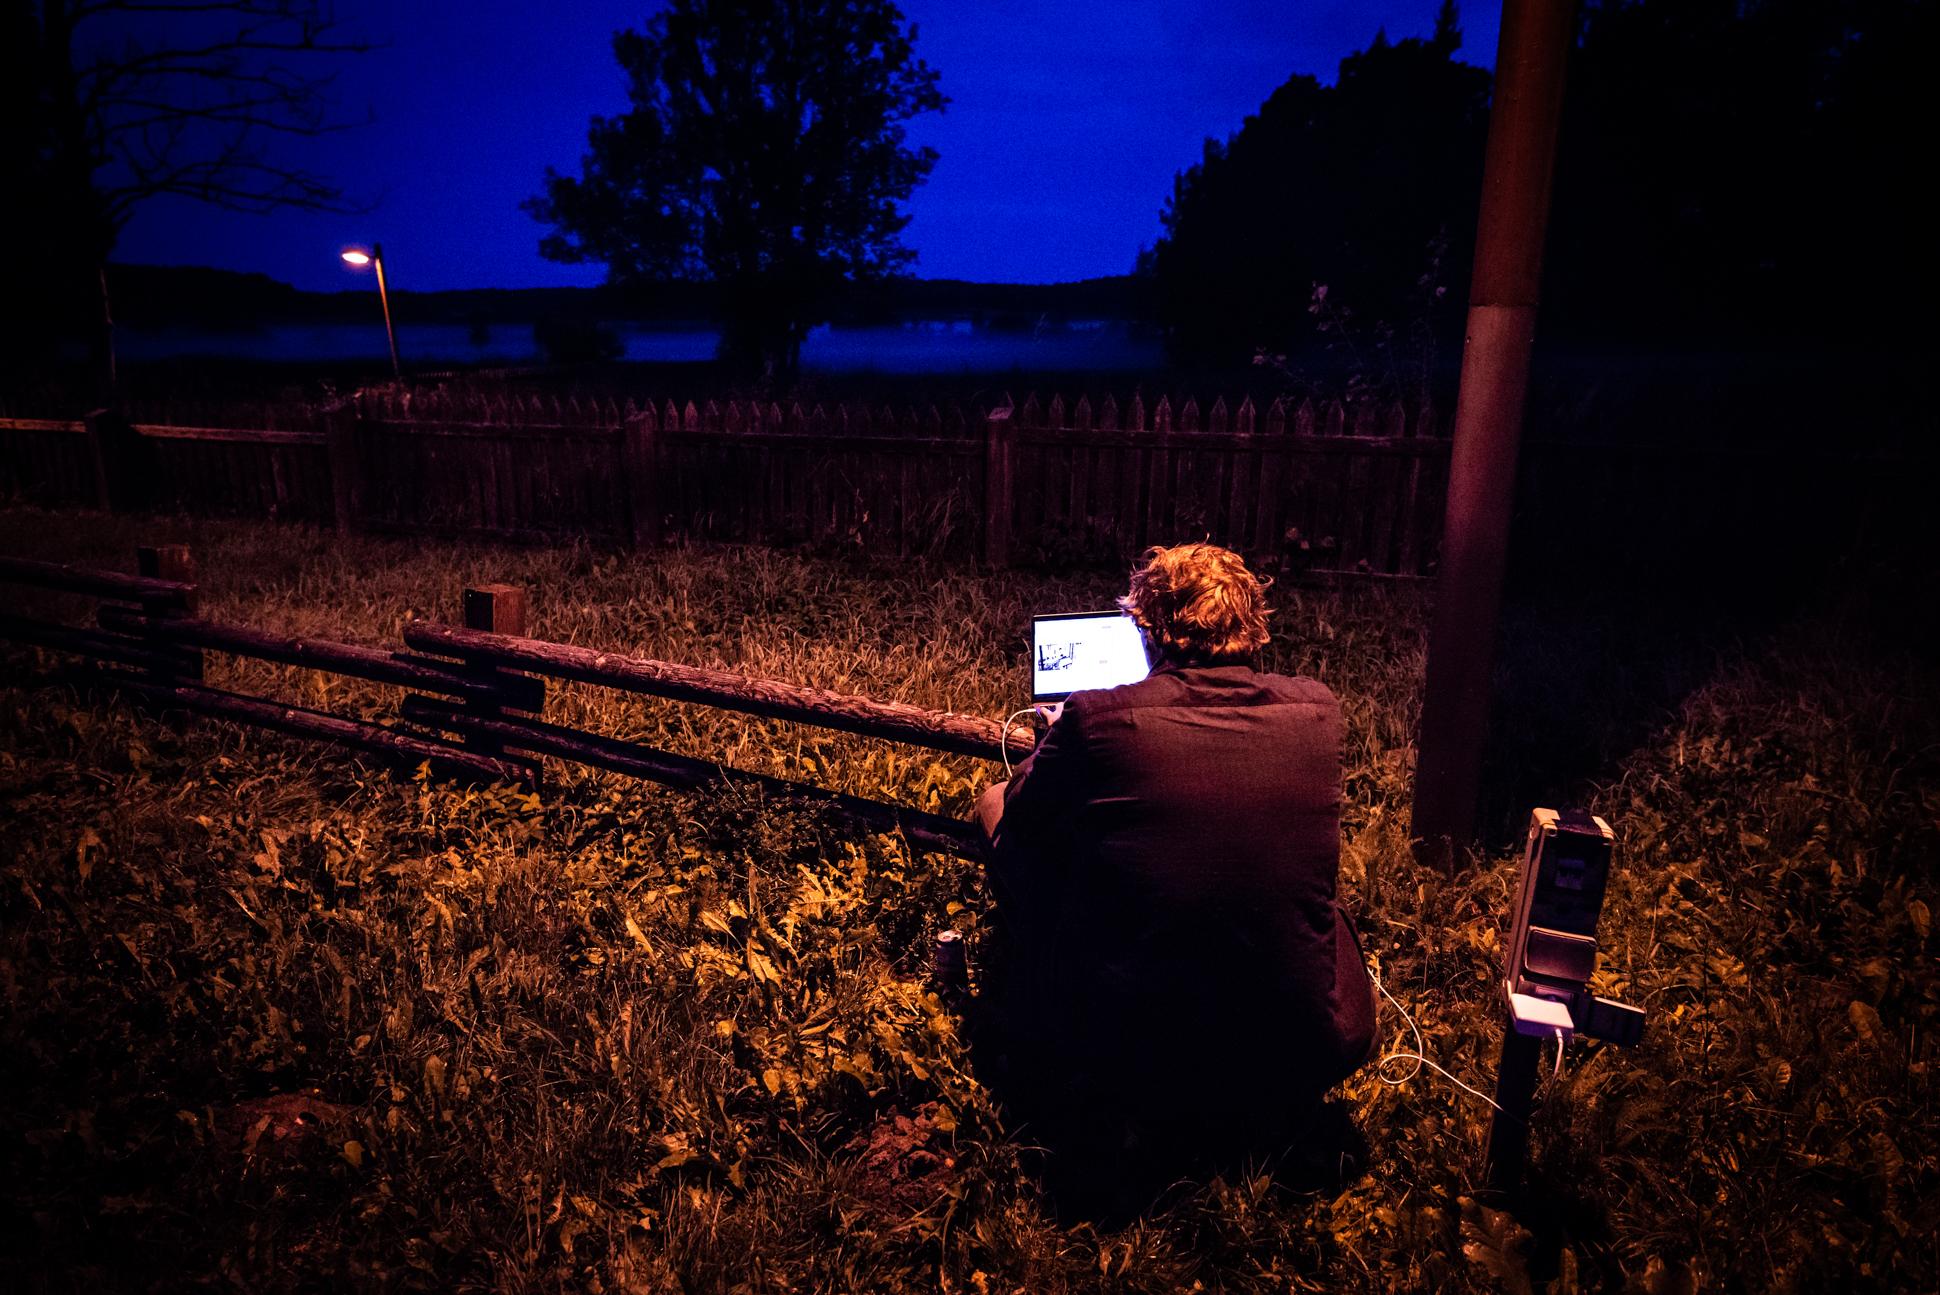 Digital Nomad working at a camping in Kurtuvenai, Lithuania. Ellis&me Ellis Photography.